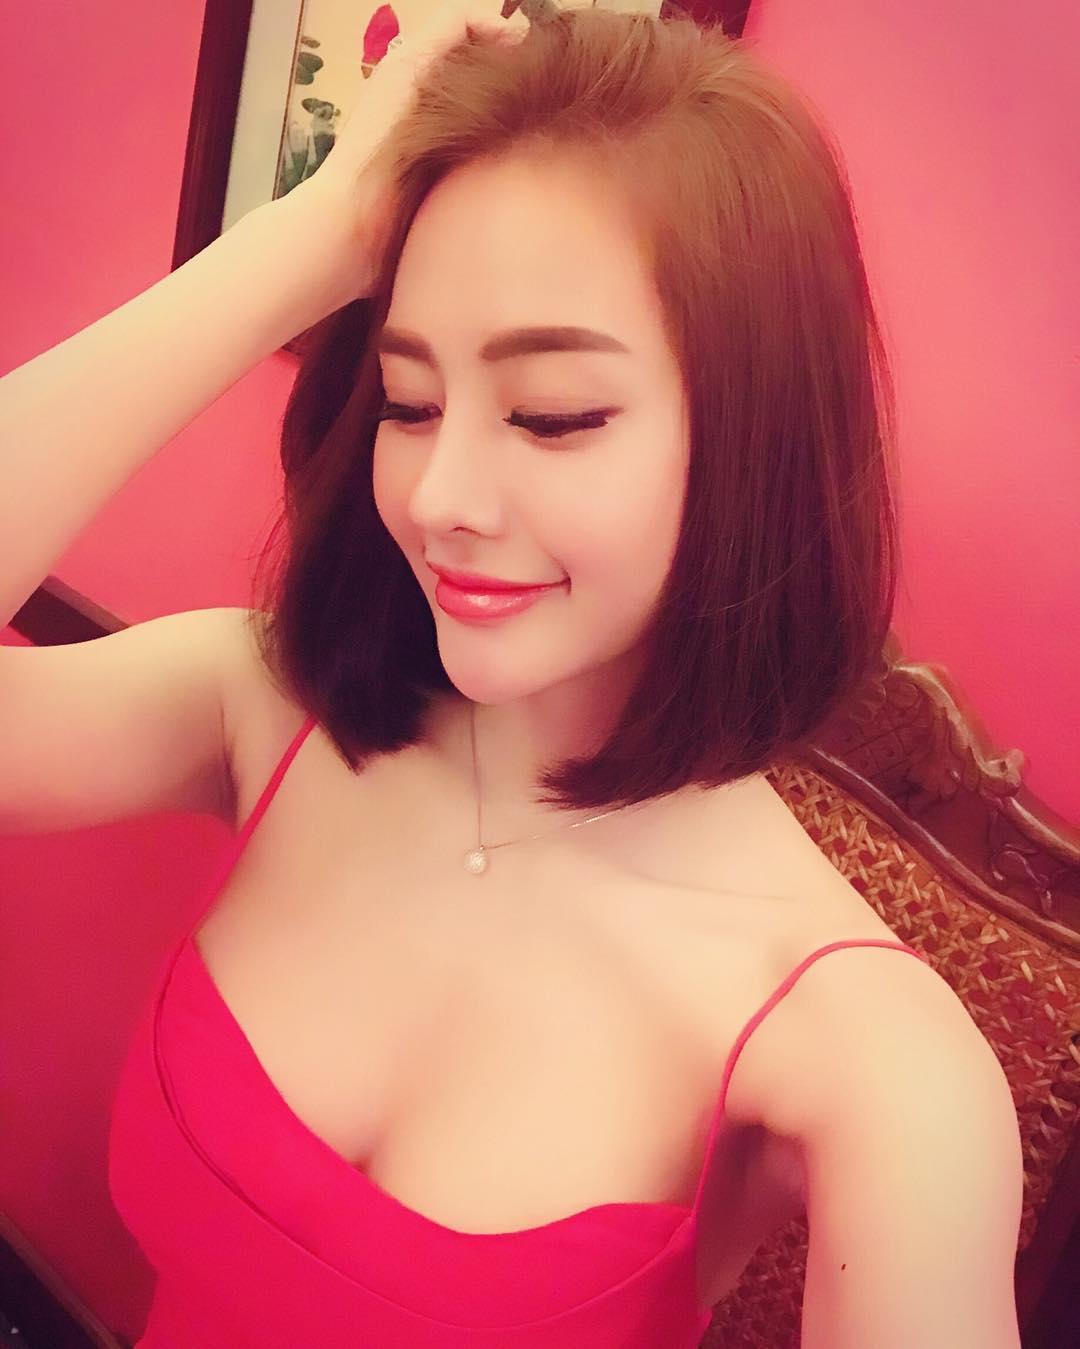 Tin sao Việt 6/11: Bà xã Bình Minh tiết lộ từng có ý định bóp cổ chồng-7